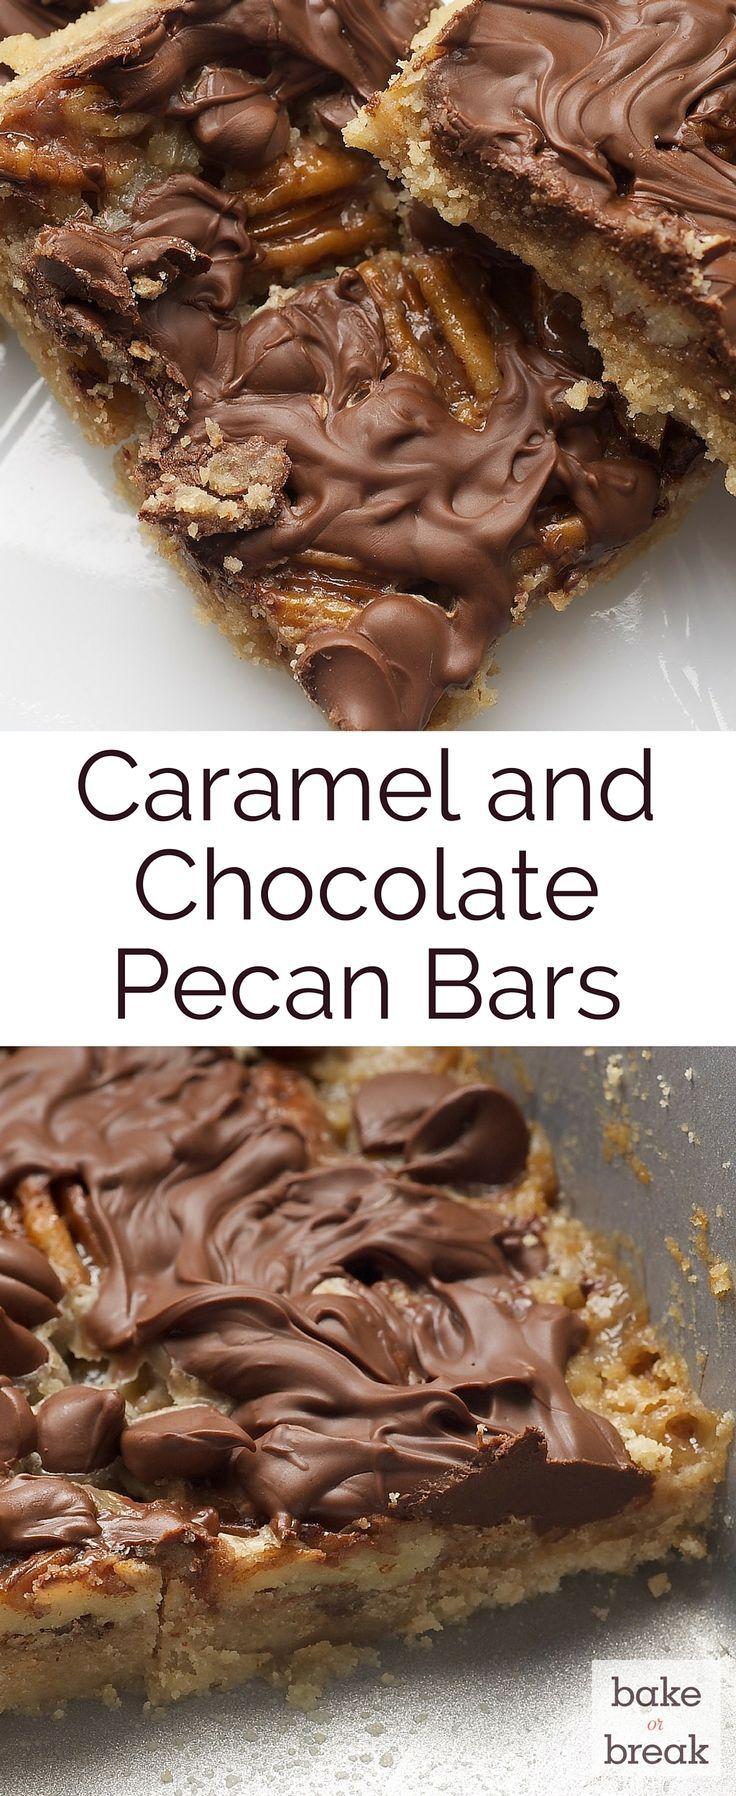 Caramel and Chocolate Pecan Bars